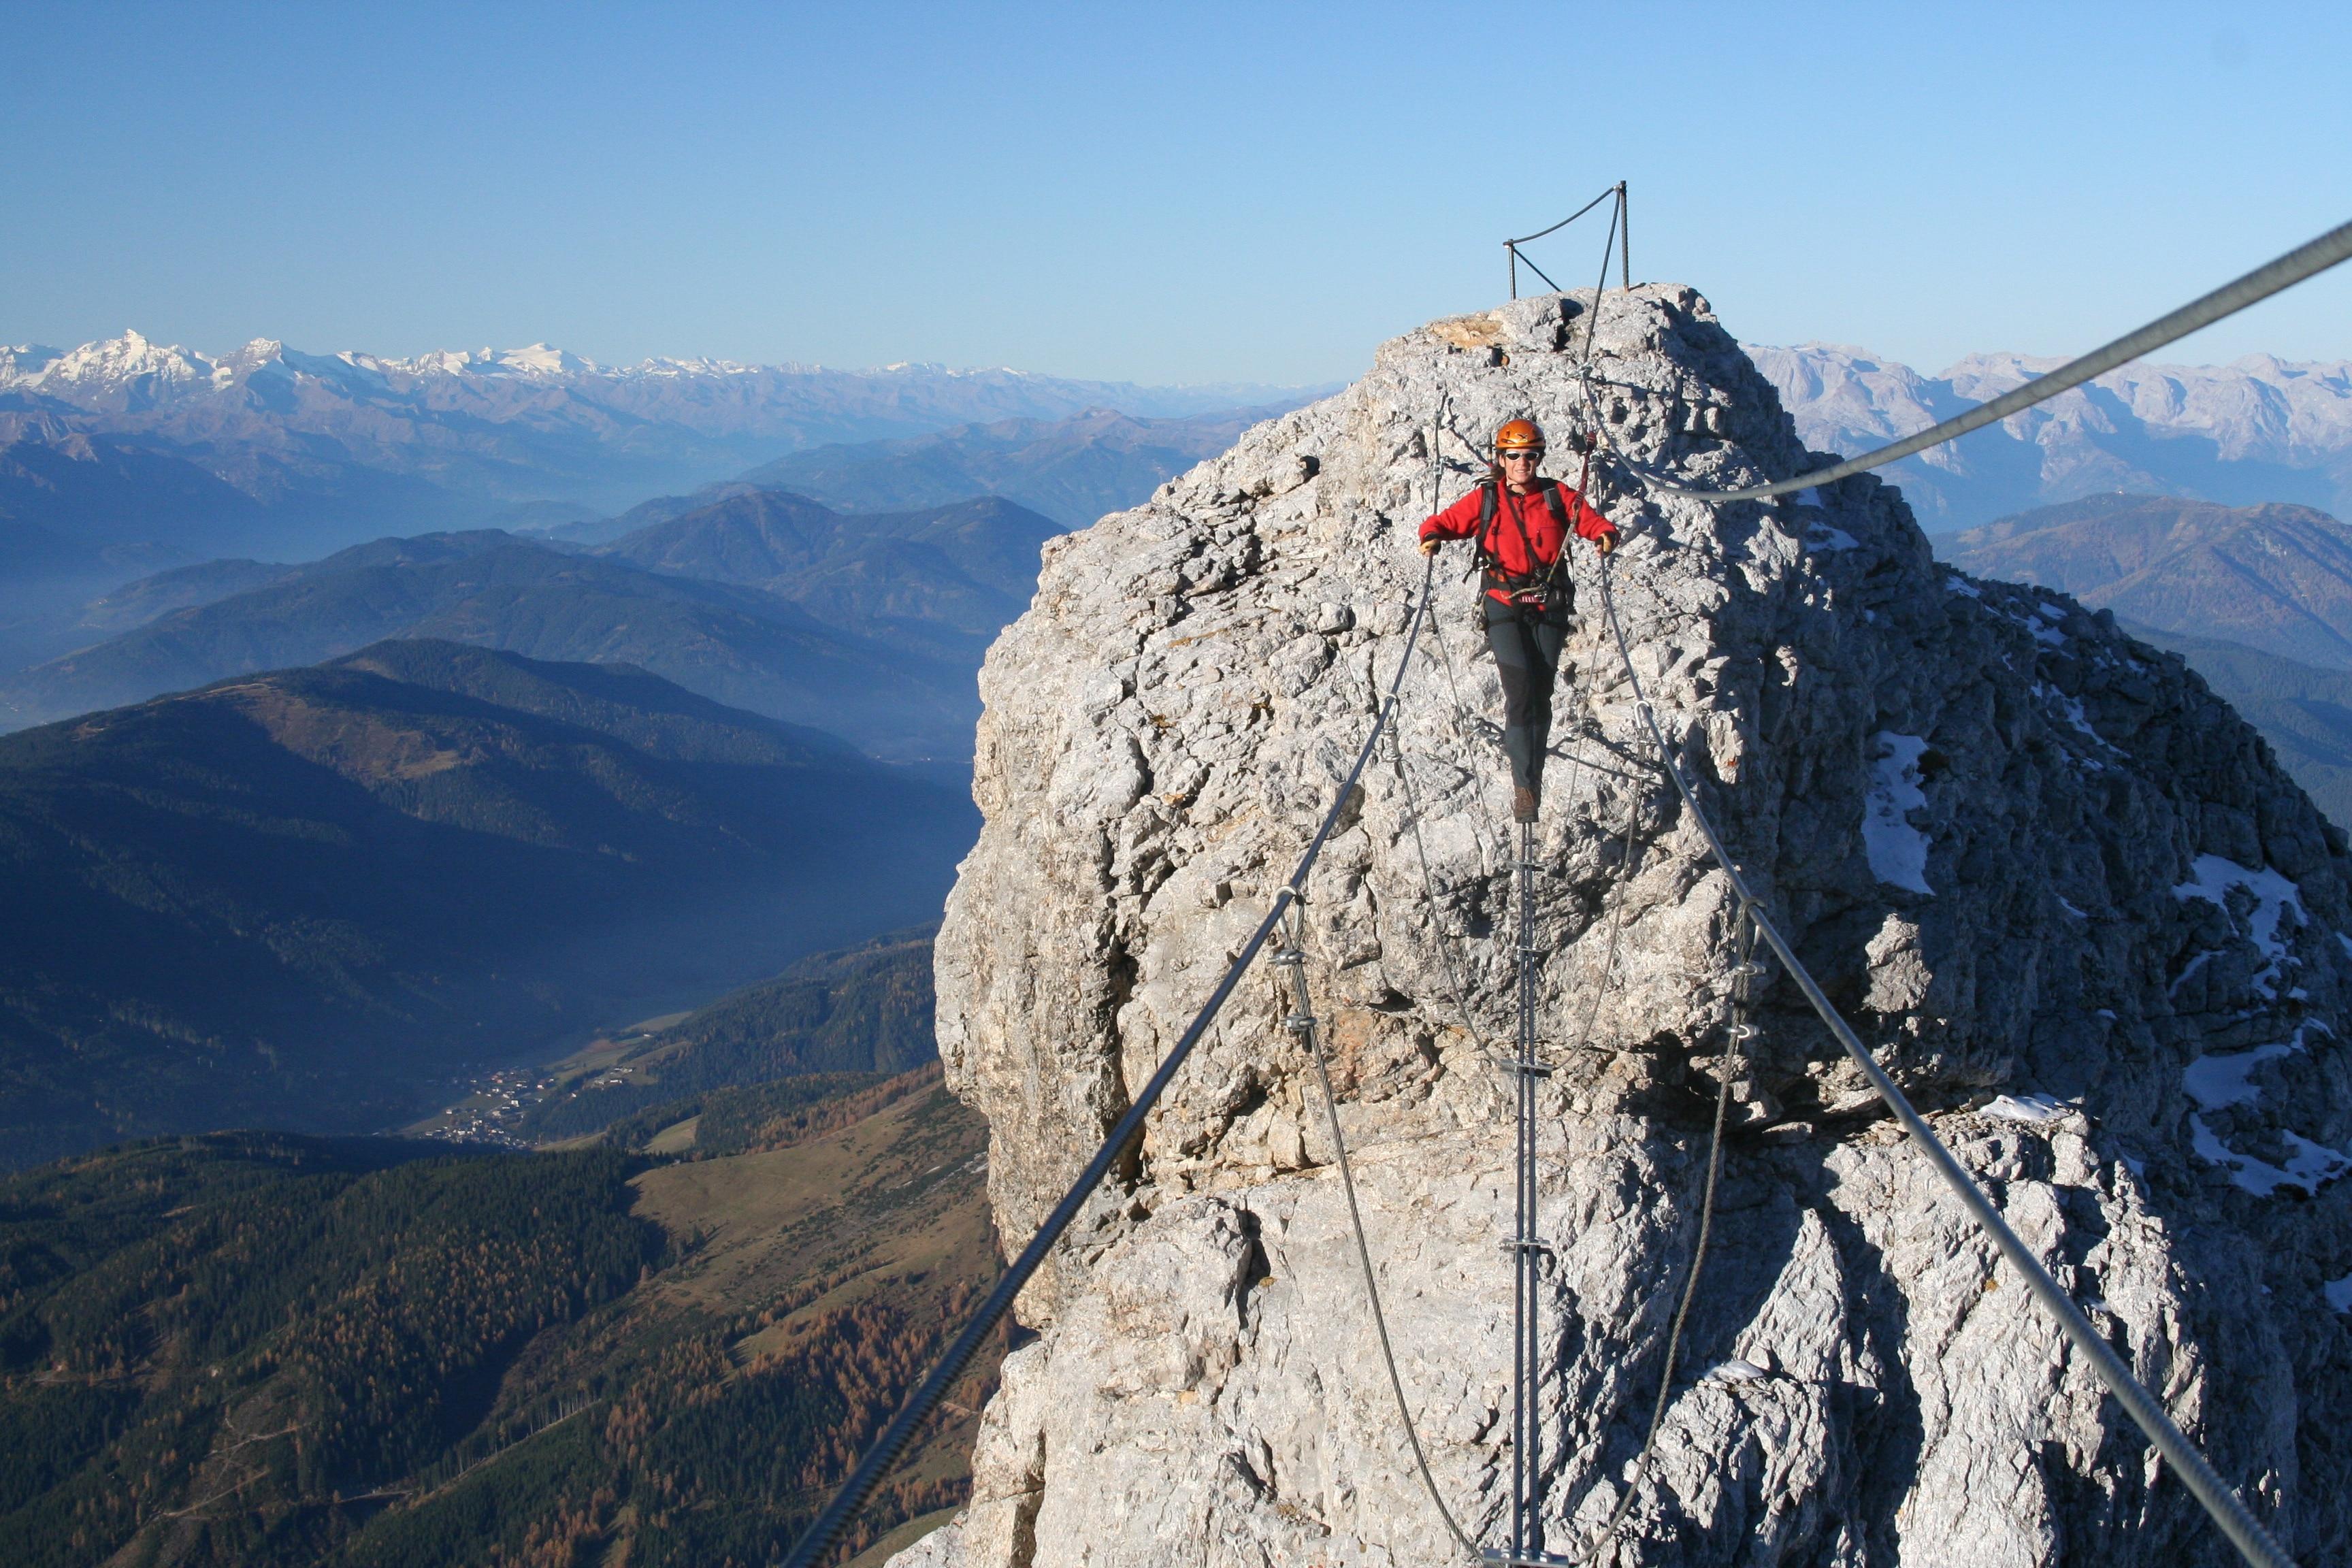 Klettersteig österreich : Klettersteig in Österreich kaunertal freeride friends